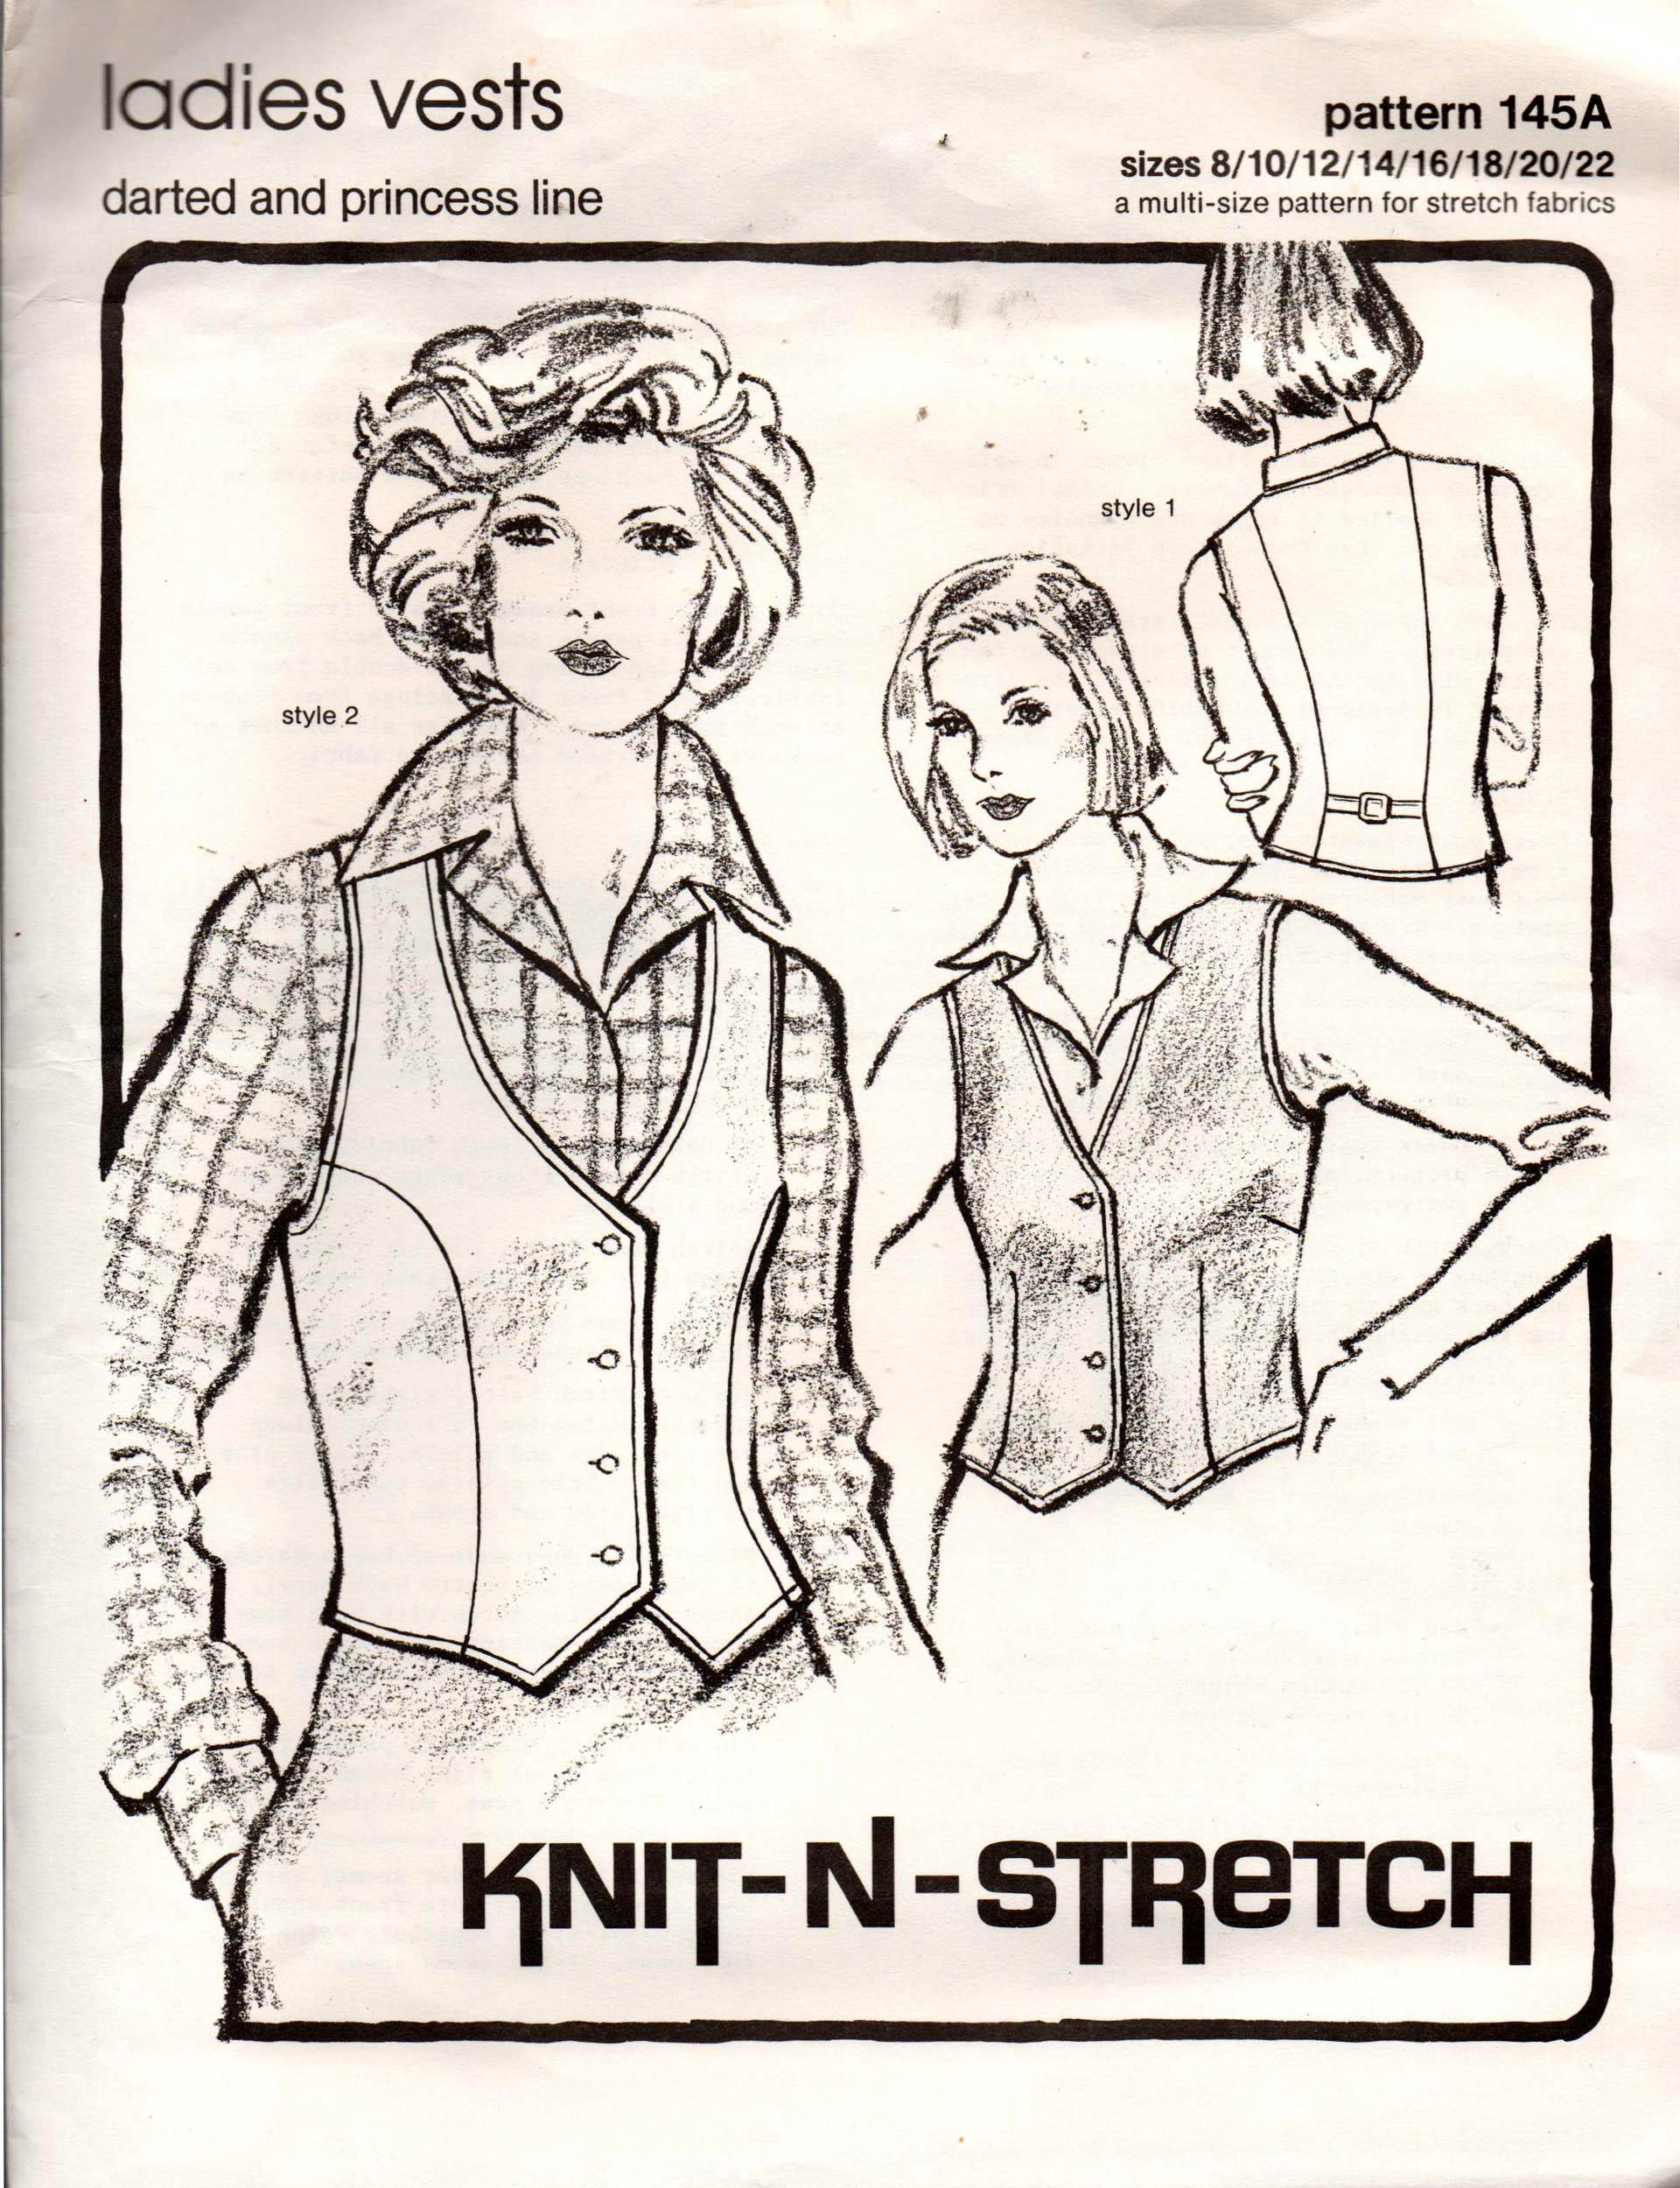 Knit-N-Stretch 145A